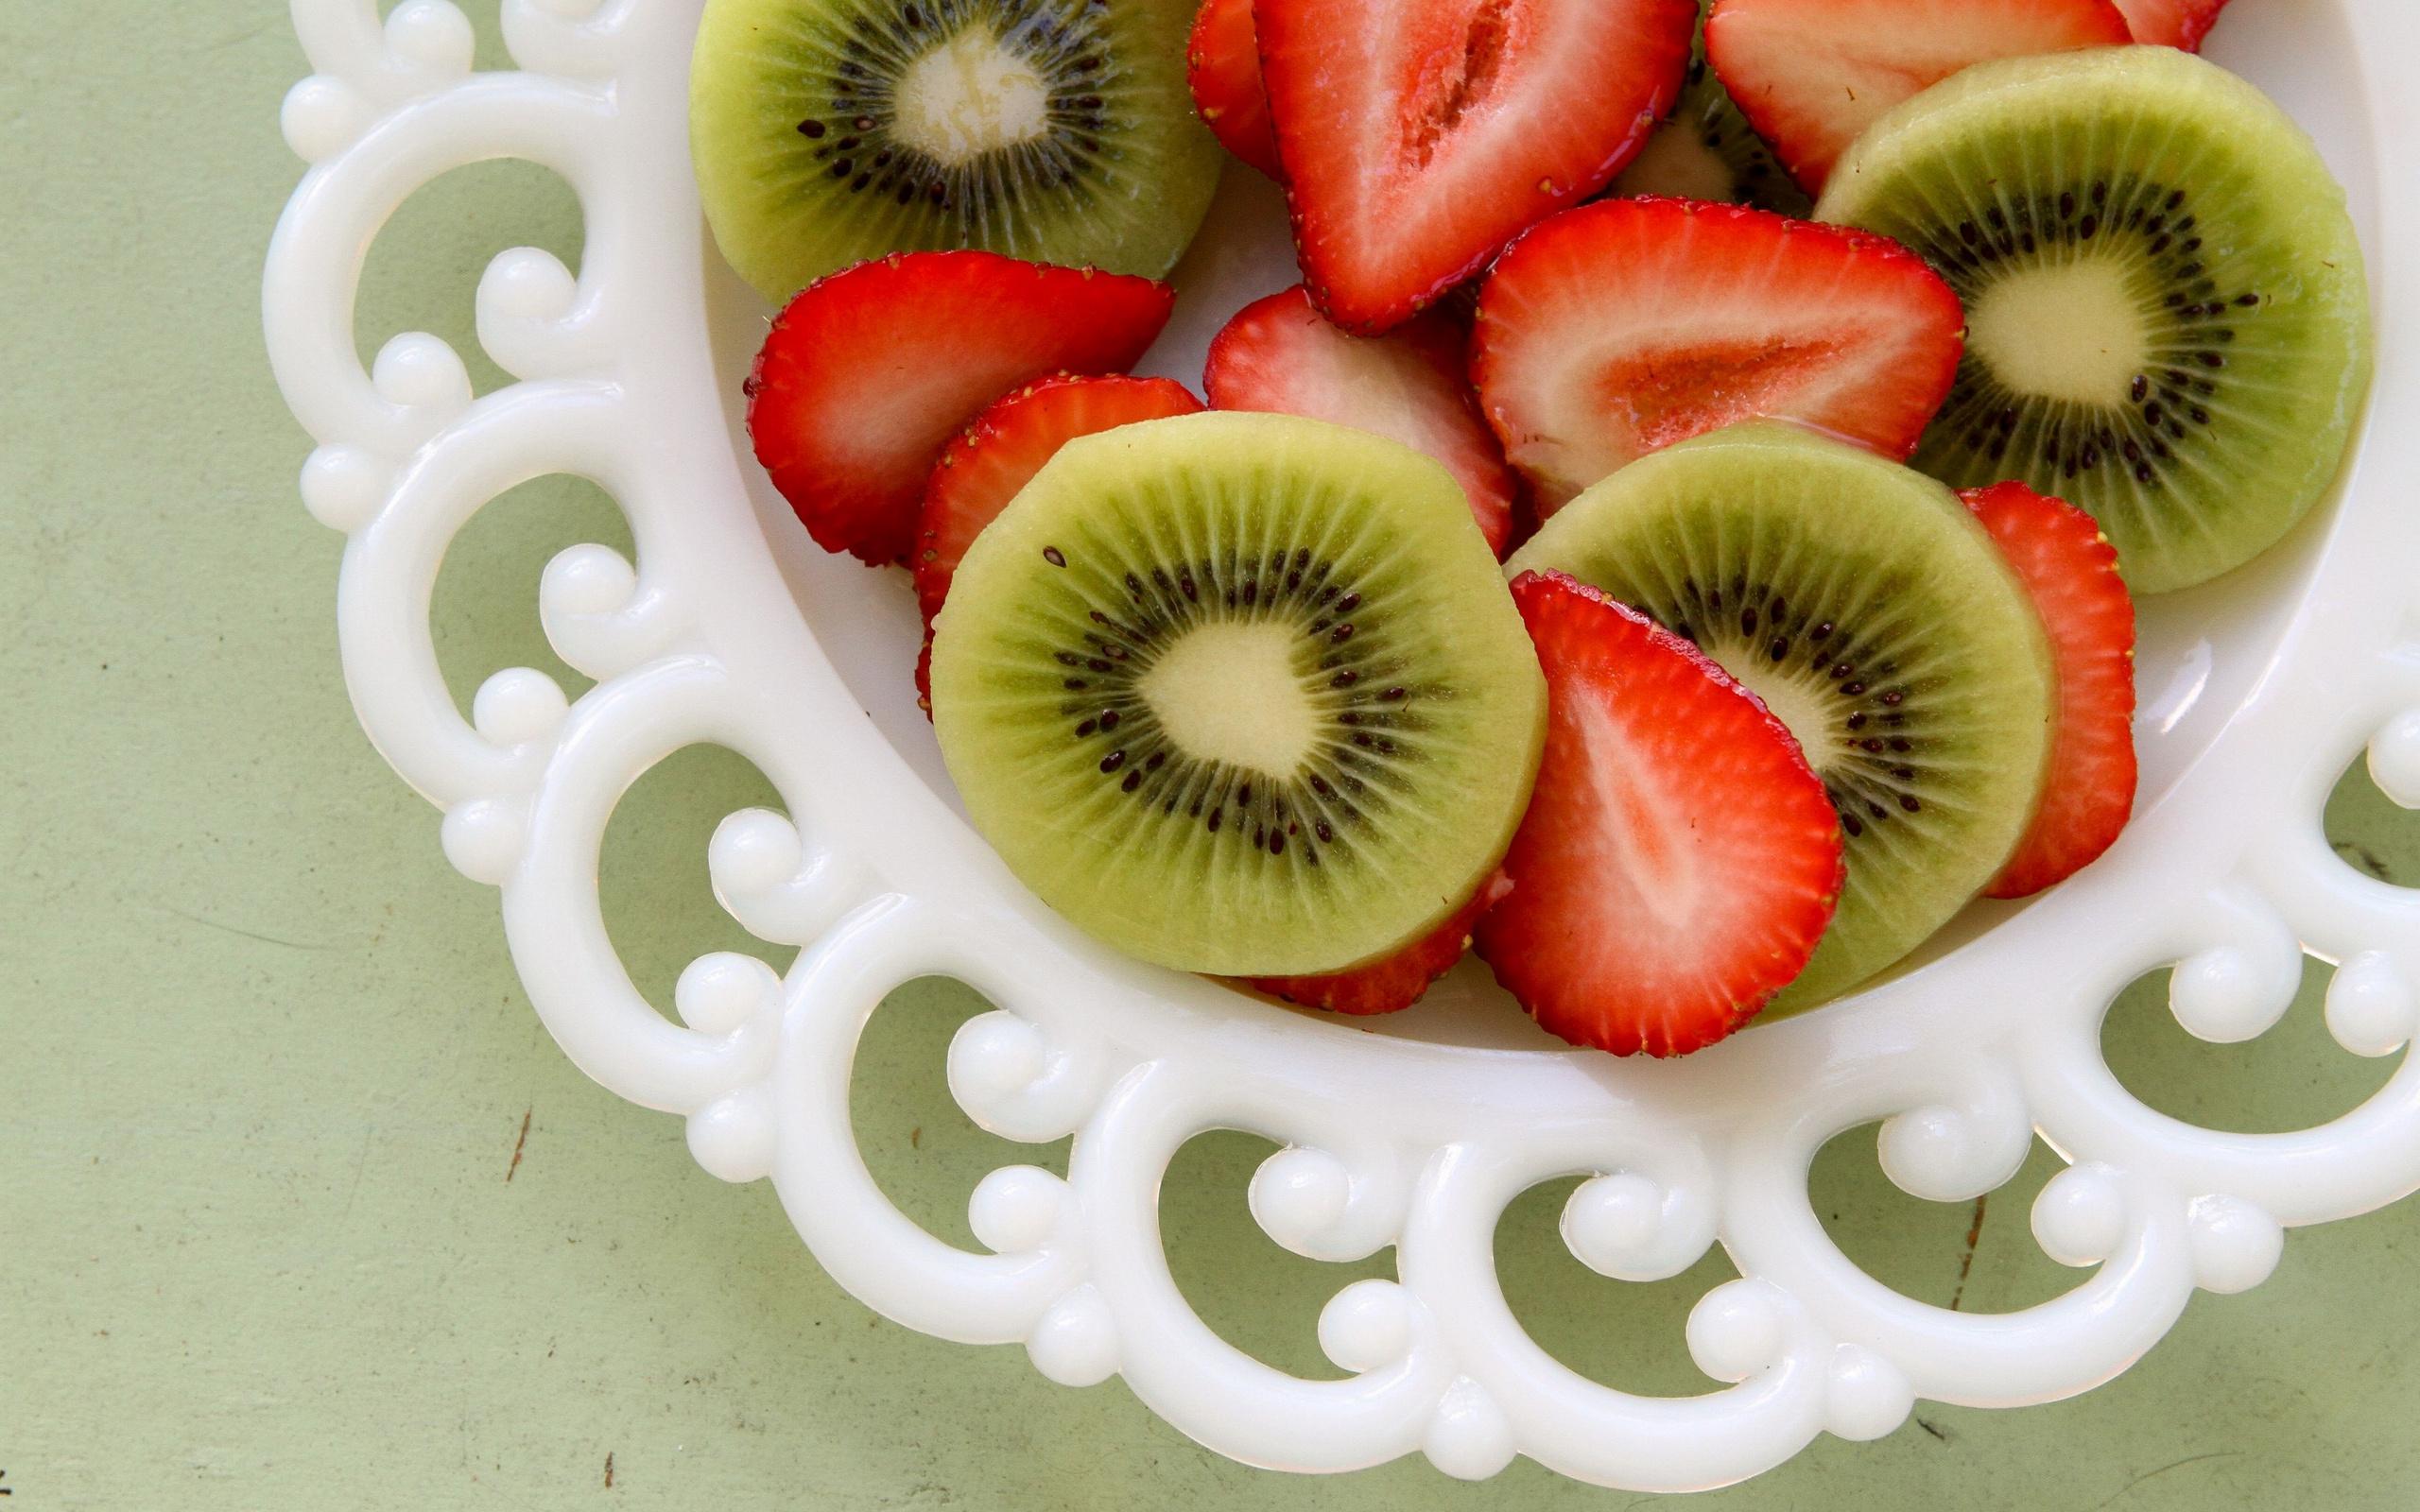 Открытка формат, картинки резанные фрукты